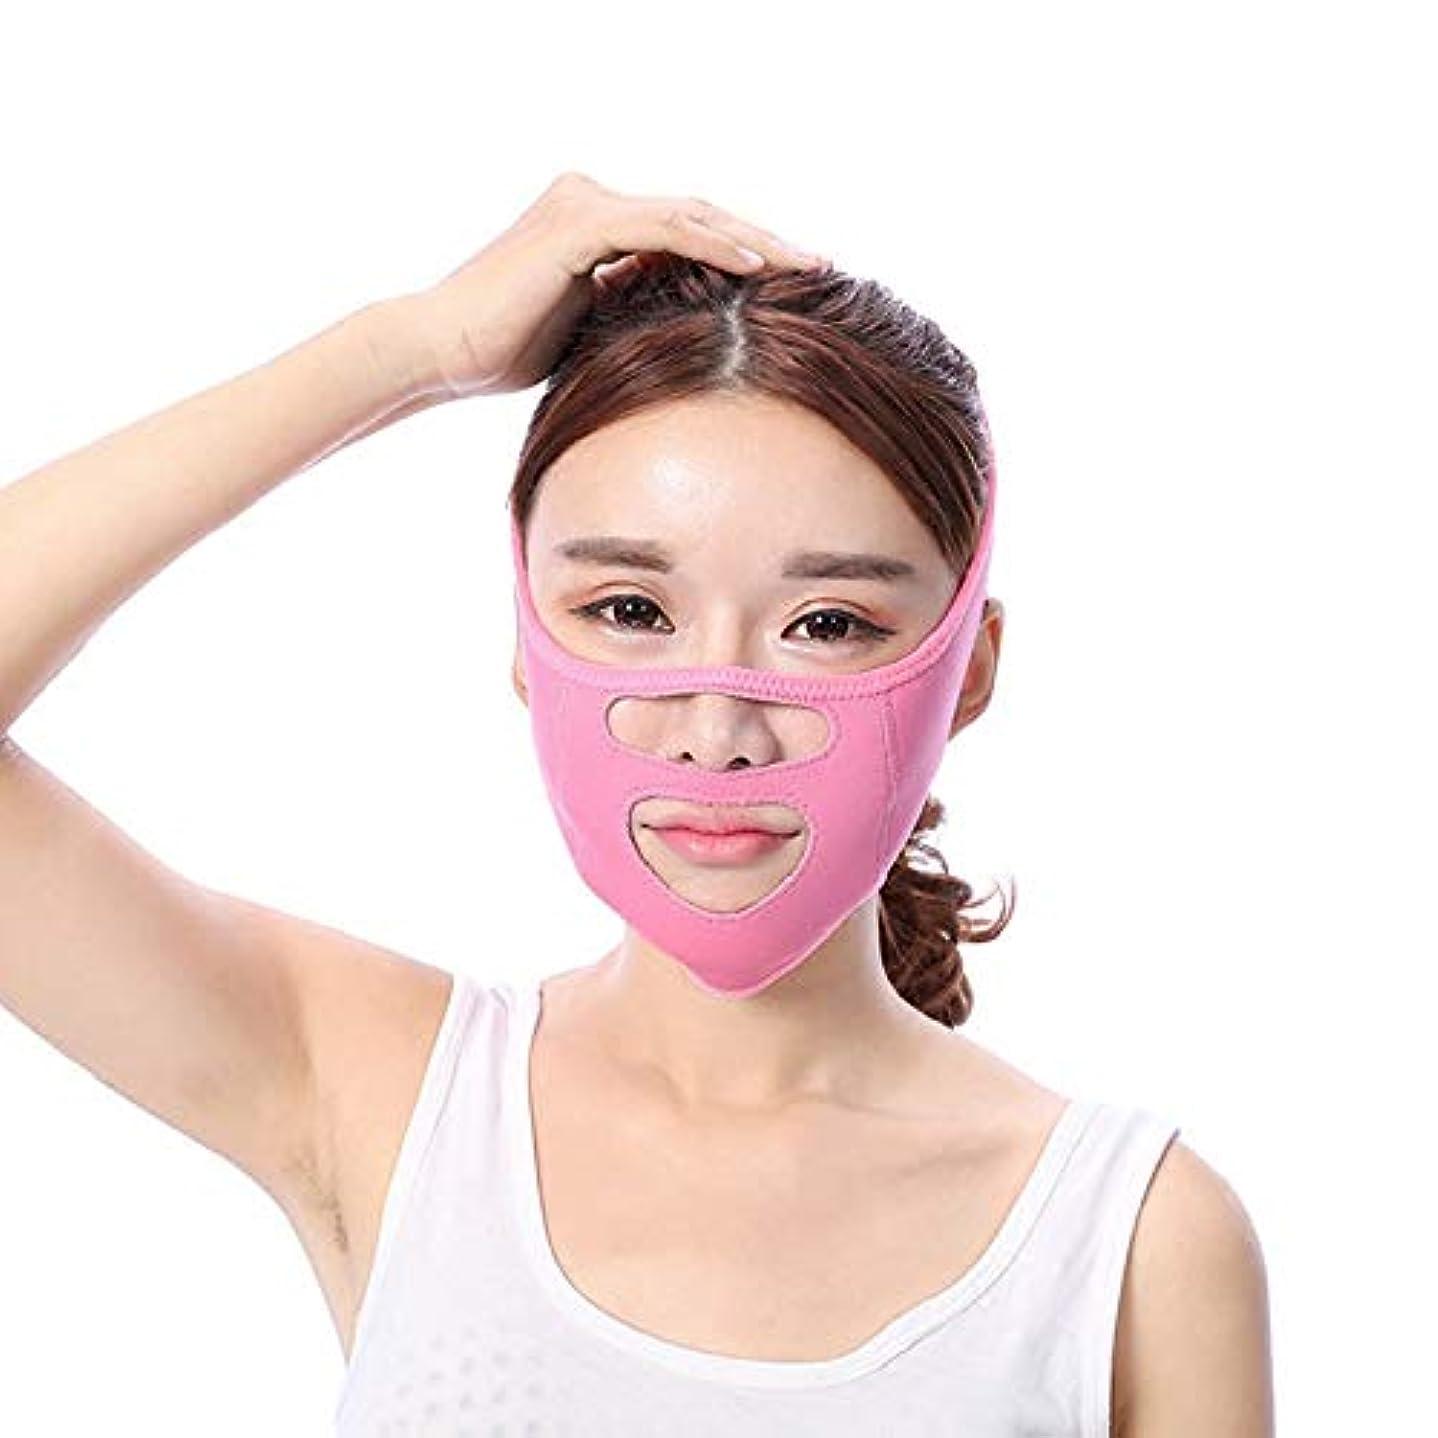 発行するパックピボットGYZ 顔の持ち上がる痩身ベルト - あなたの顔のための素晴らしいトレーニング二重あごのワークアウトフェイスマスクベルト薄い顔包帯整形マスクは顔と首を締めますフェイススリム Thin Face Belt